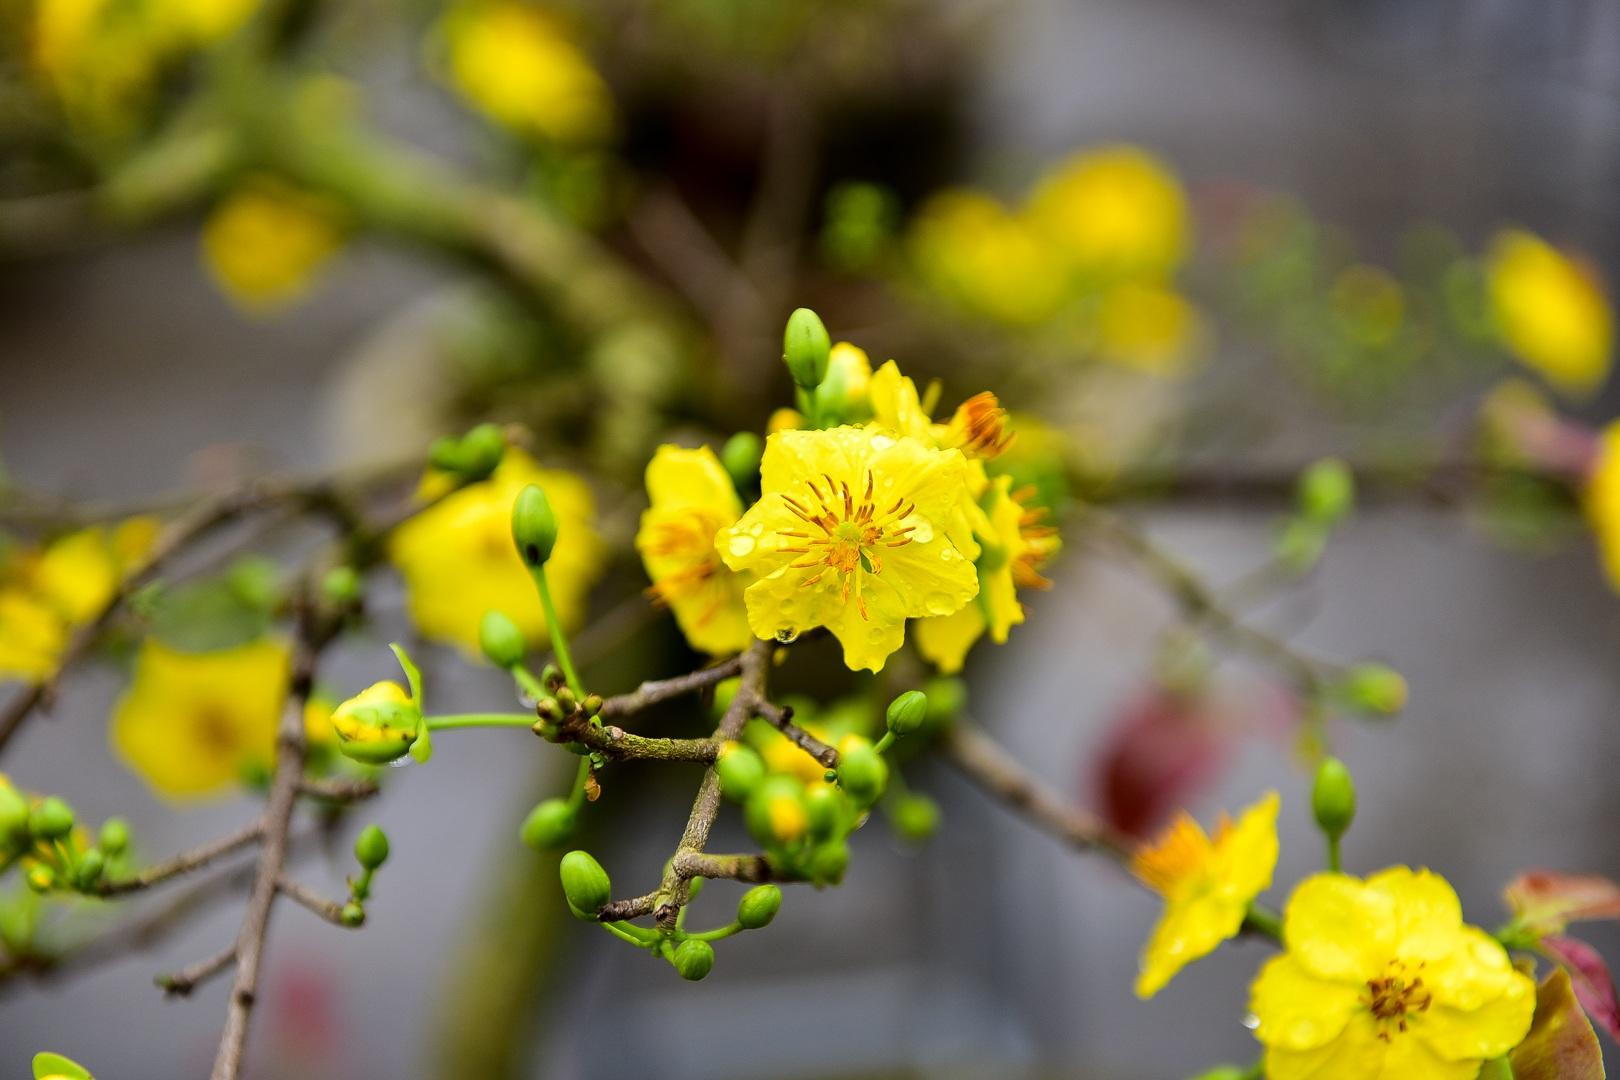 Hình ảnh những bông mai vàng cực đẹp